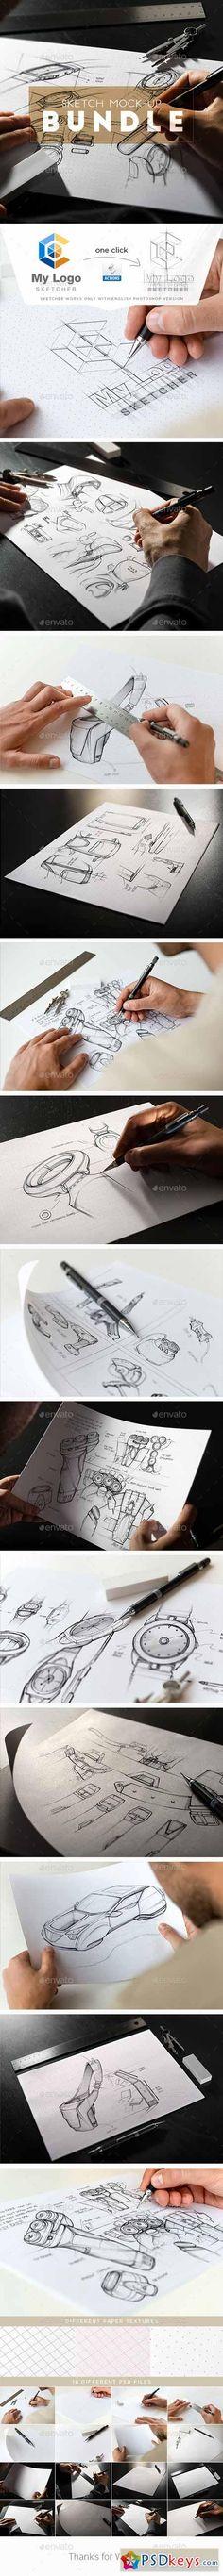 Sketch Mock-Up Bundle 11469539